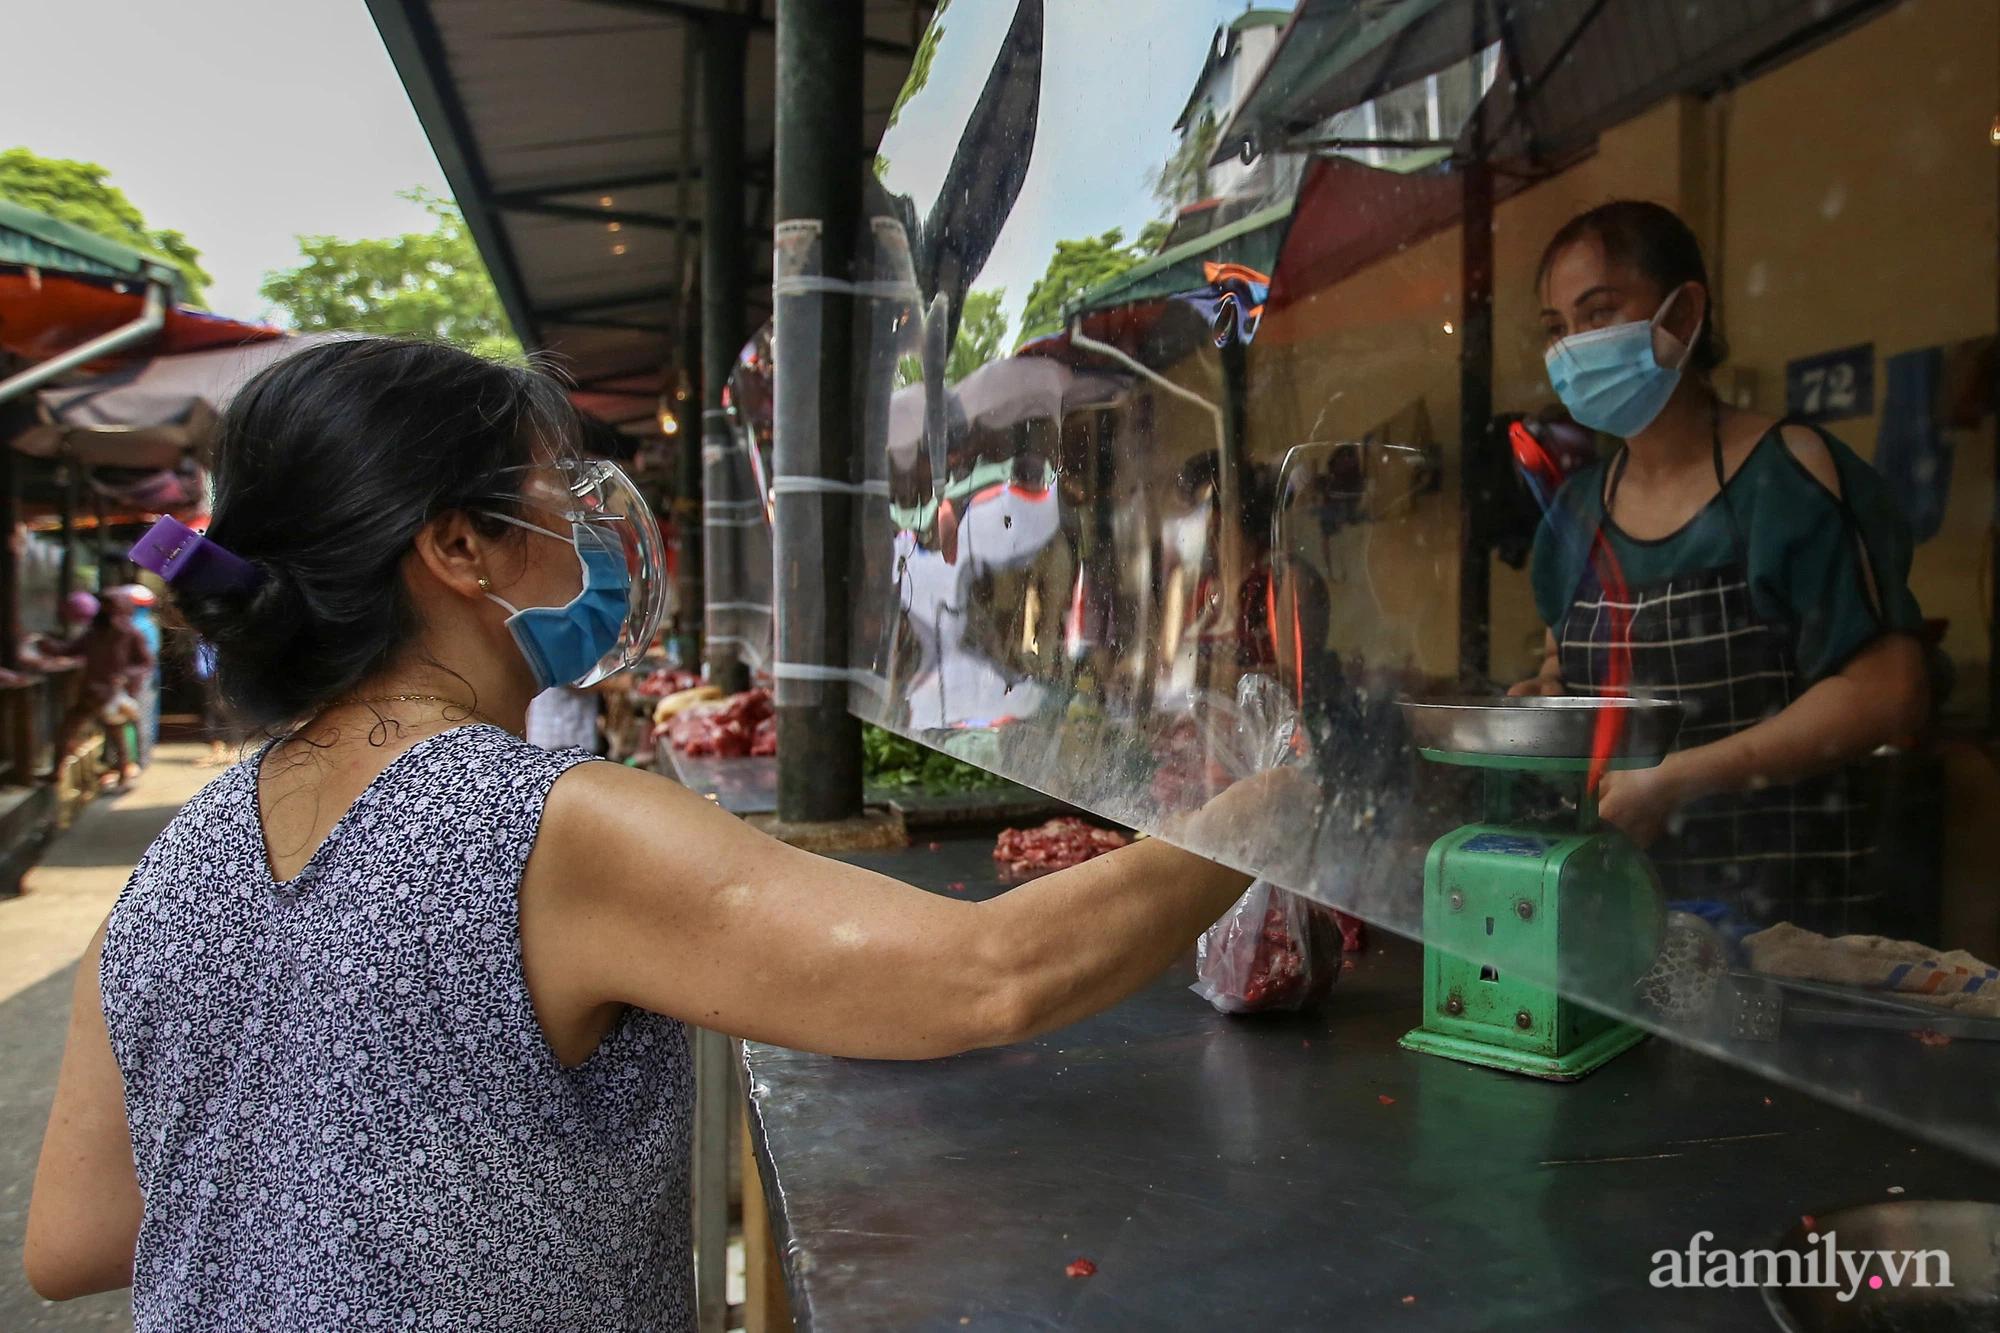 Ấn tượng với khu chợ dân sinh đầu tiên ở Hà Nội quây tấm nilon phòng dịch COVID-19, tiểu thương chia ca đứng bán theo ngày chẵn, lẻ - Ảnh 18.